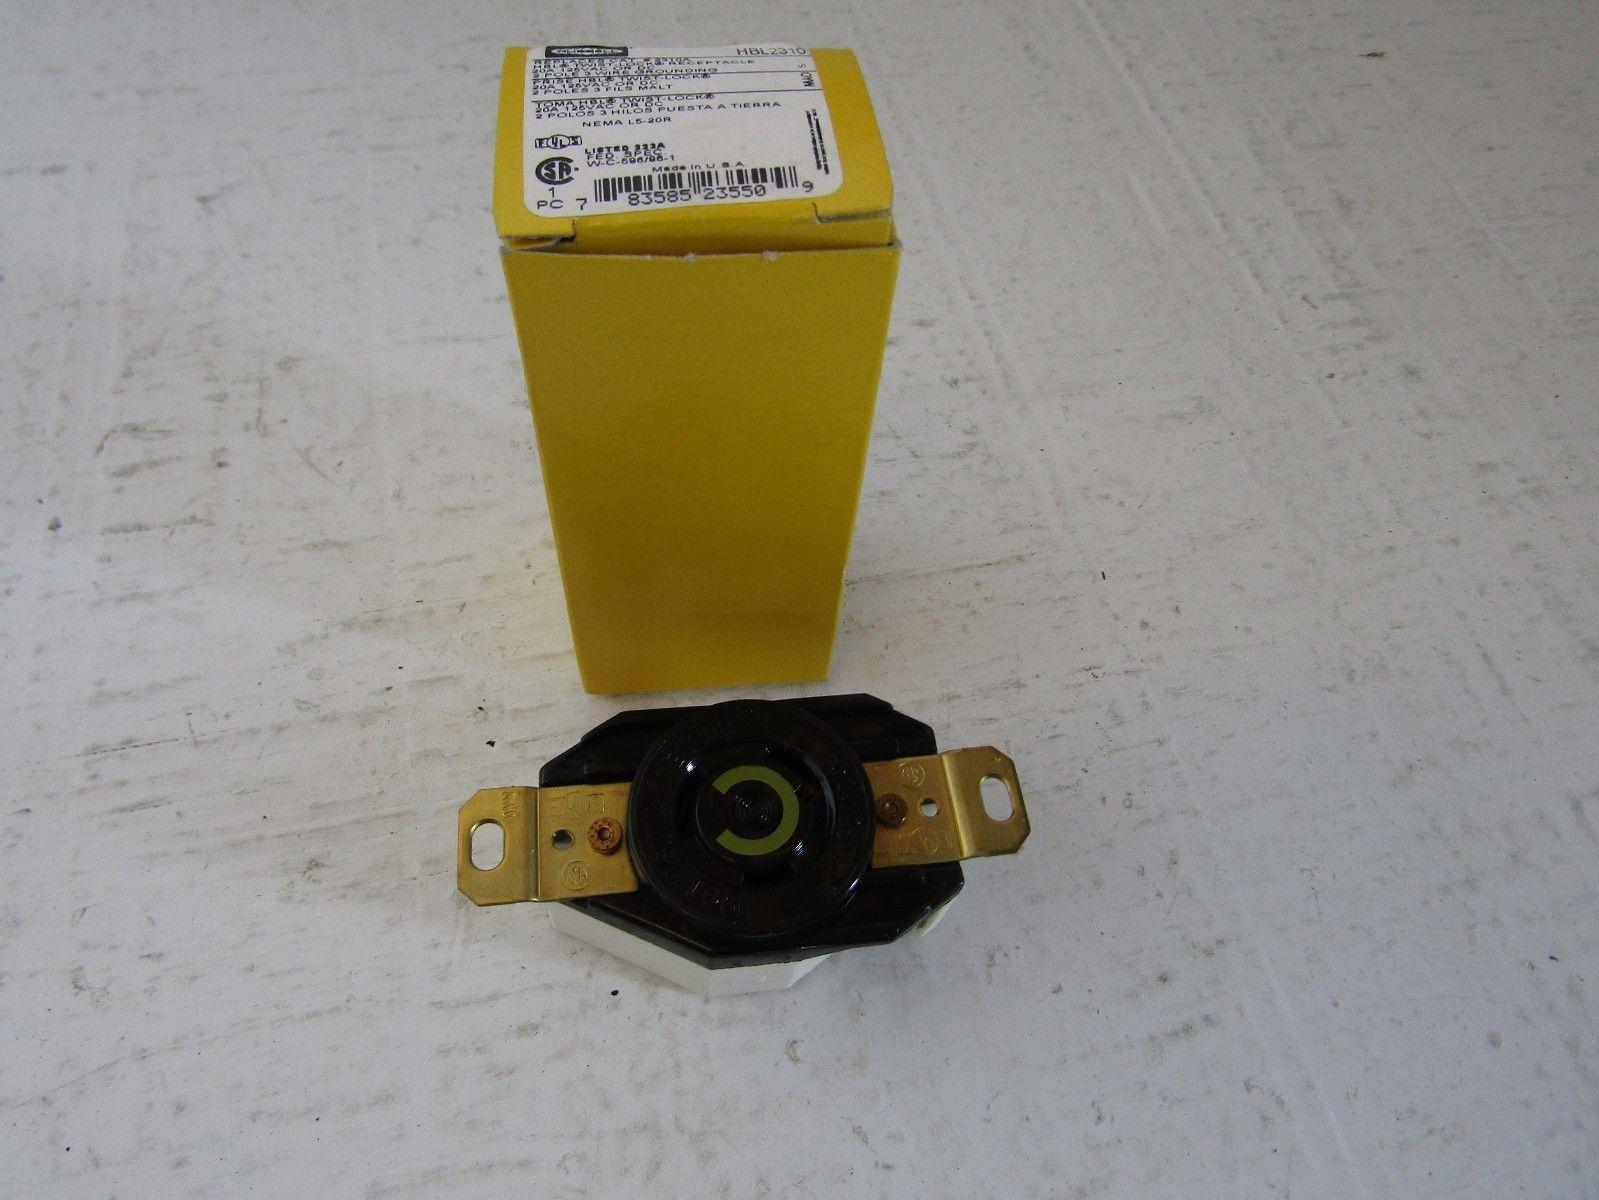 LOT Hubbell 20A 125V Twist-Lock Receptacles 2310A 5